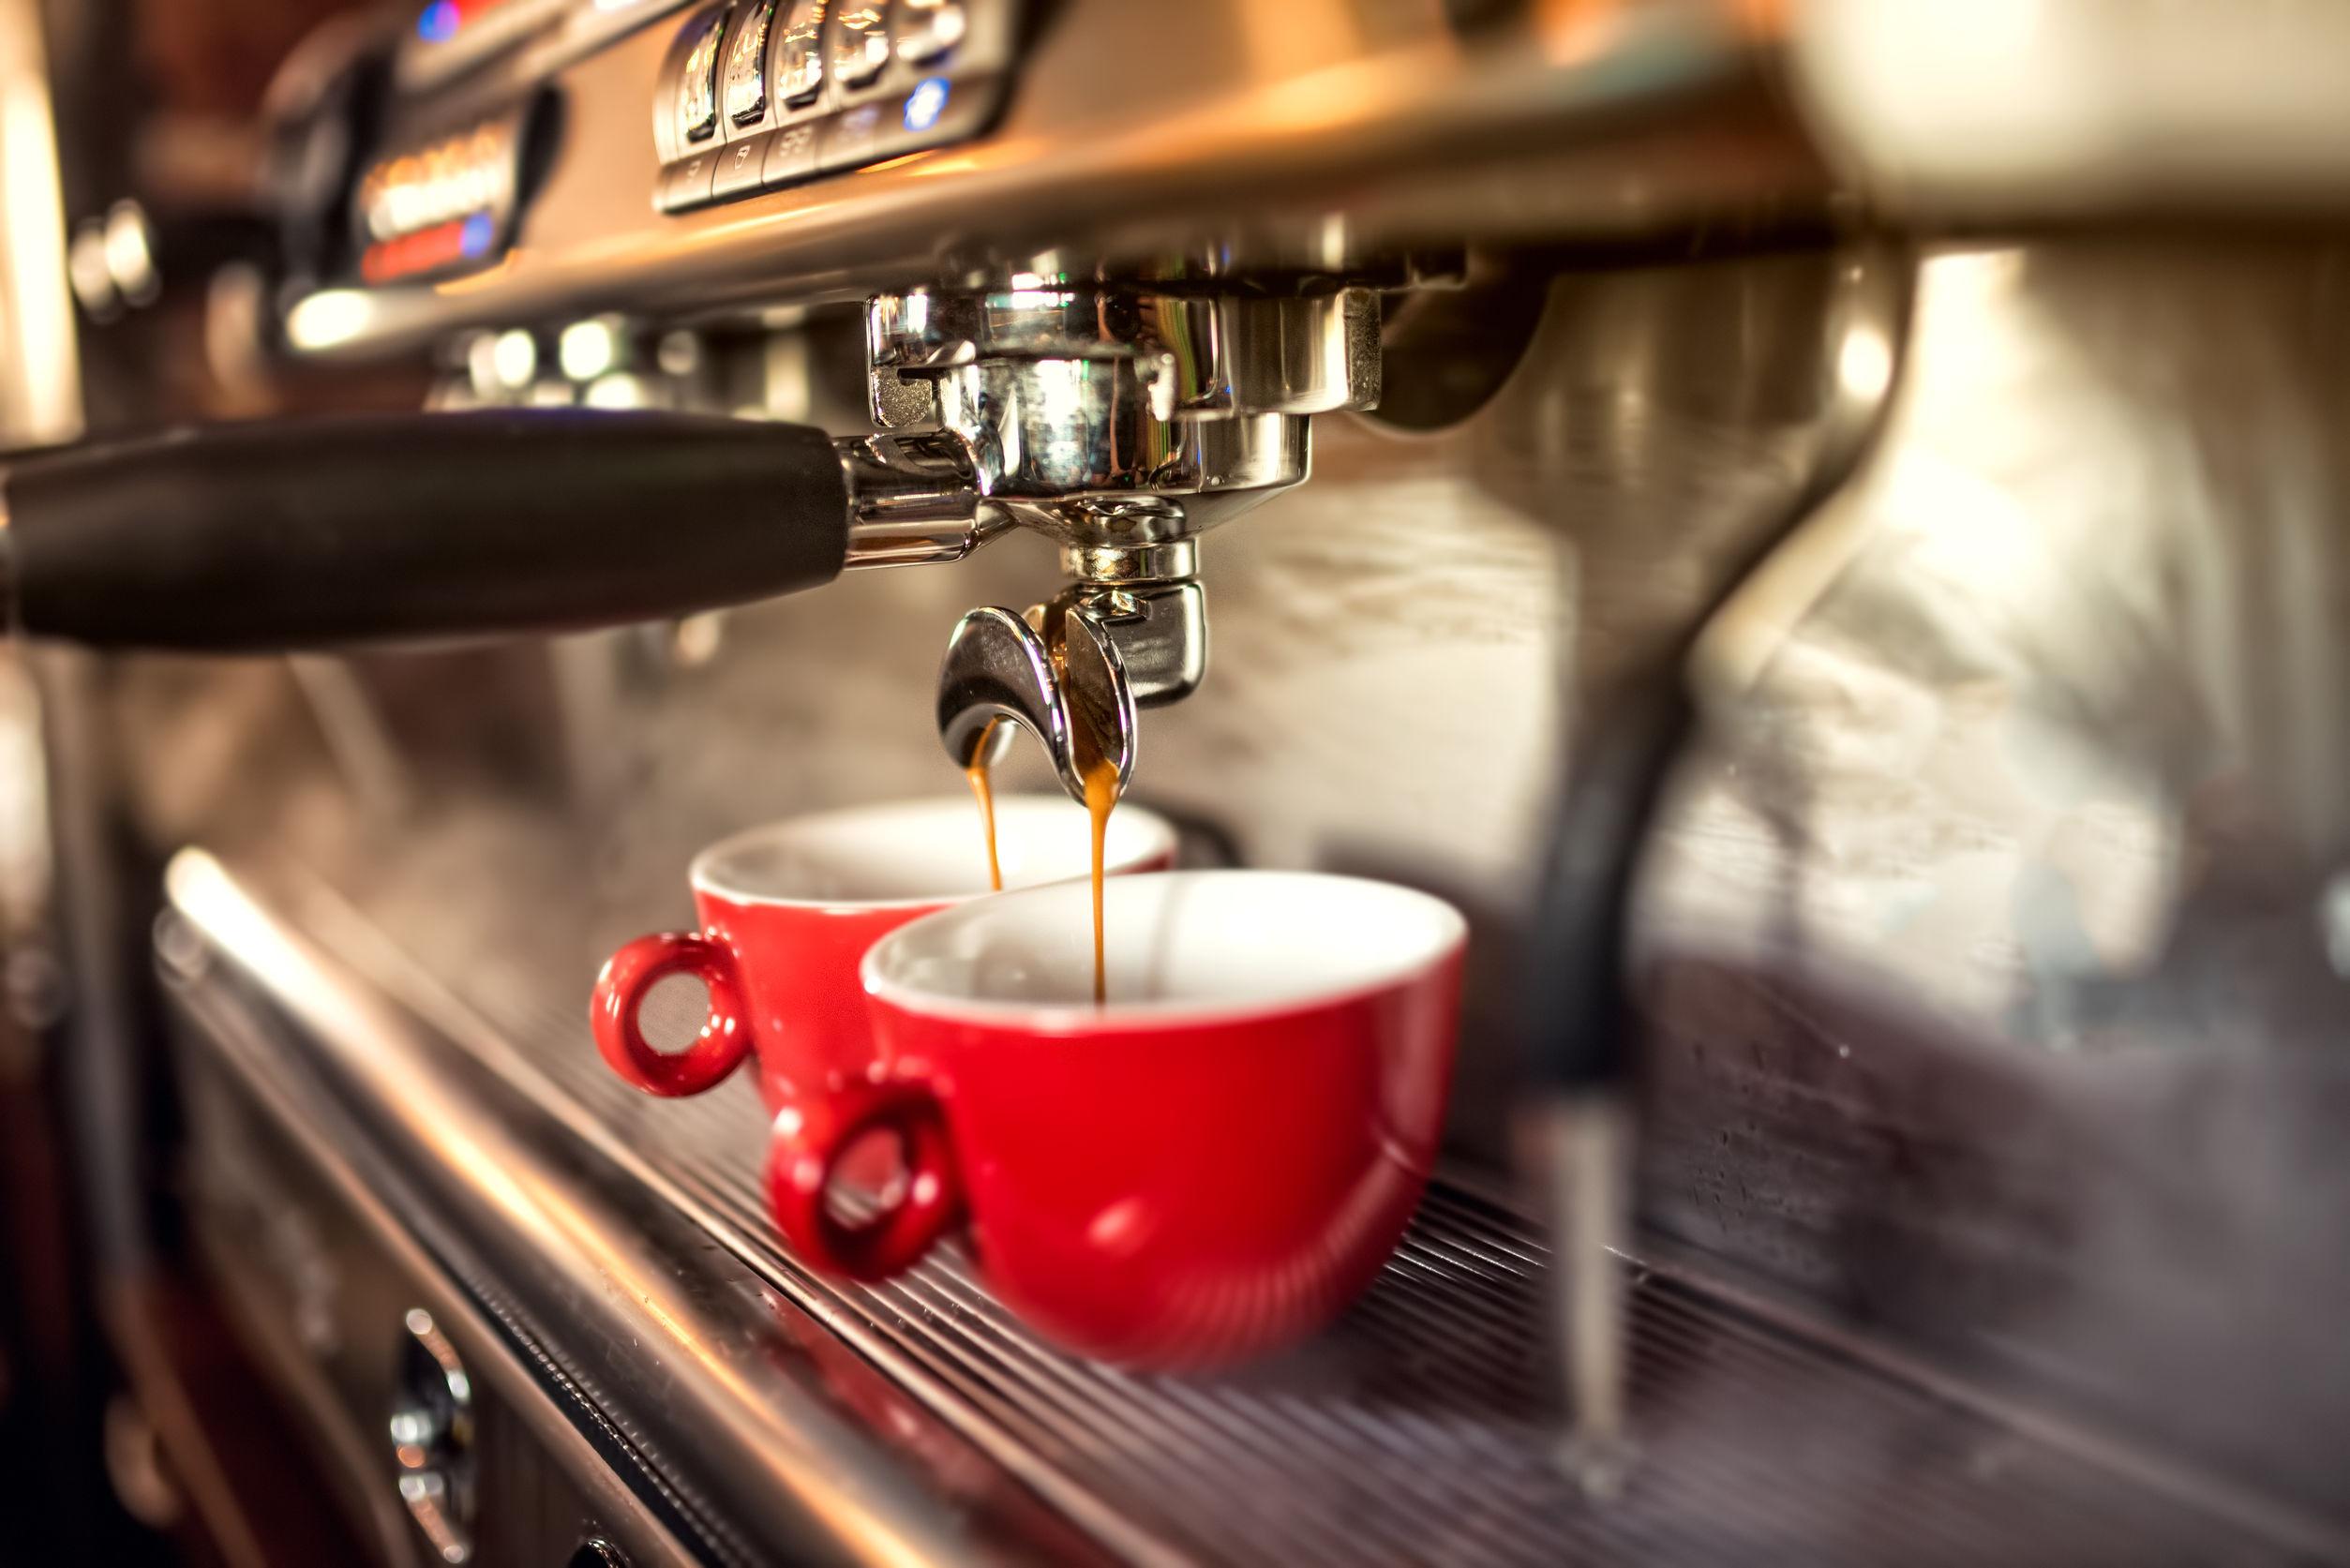 Cea mai potrivită oră pentru a bea cafeaua